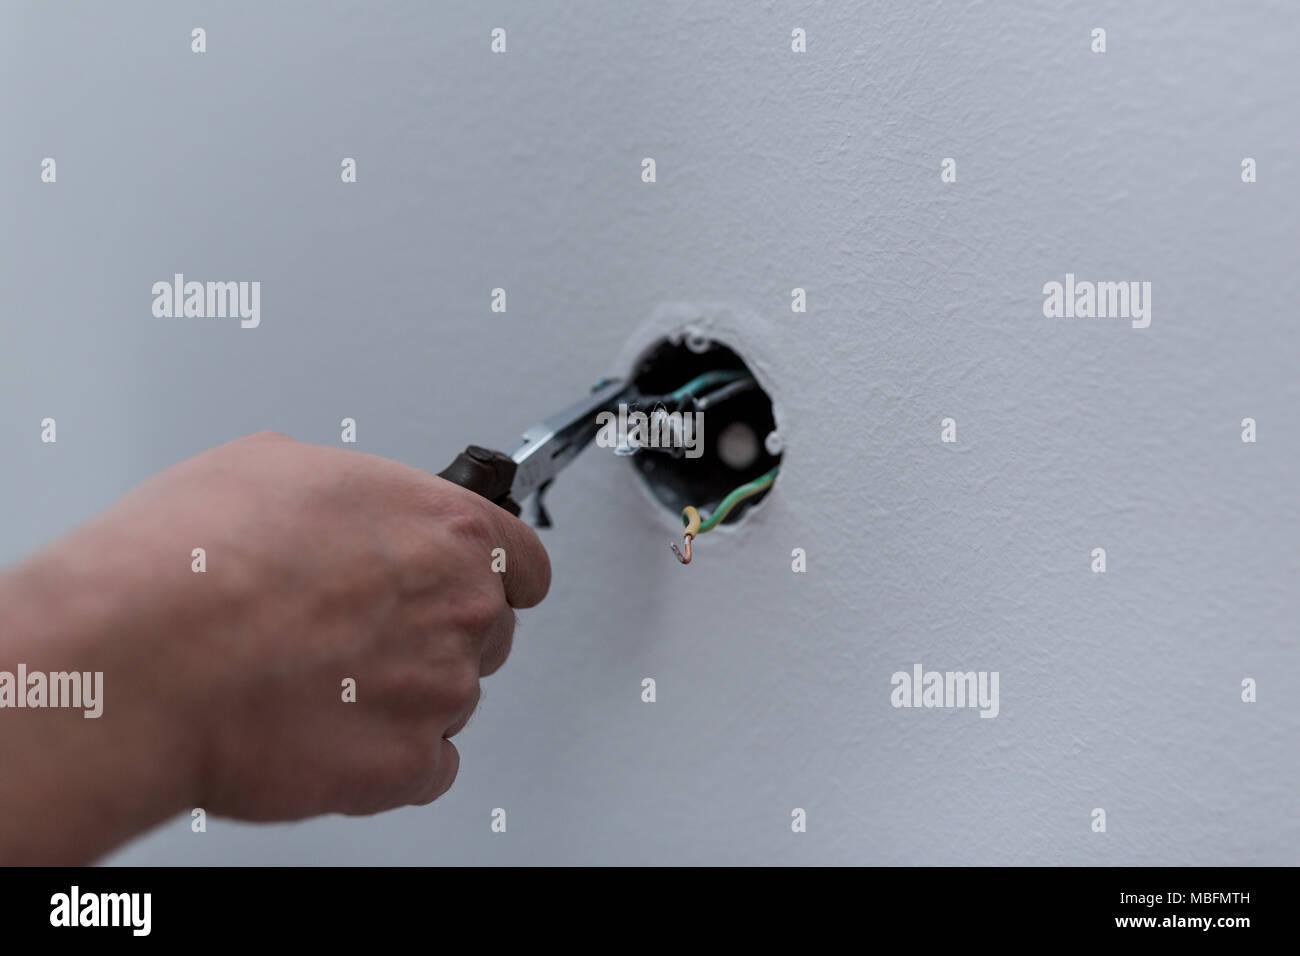 Professionellen Elektriker Abisolieren der Kabel, Schalter und Steckdosen in einem Wohngebiet elektrische Installation verbinden Stockfoto